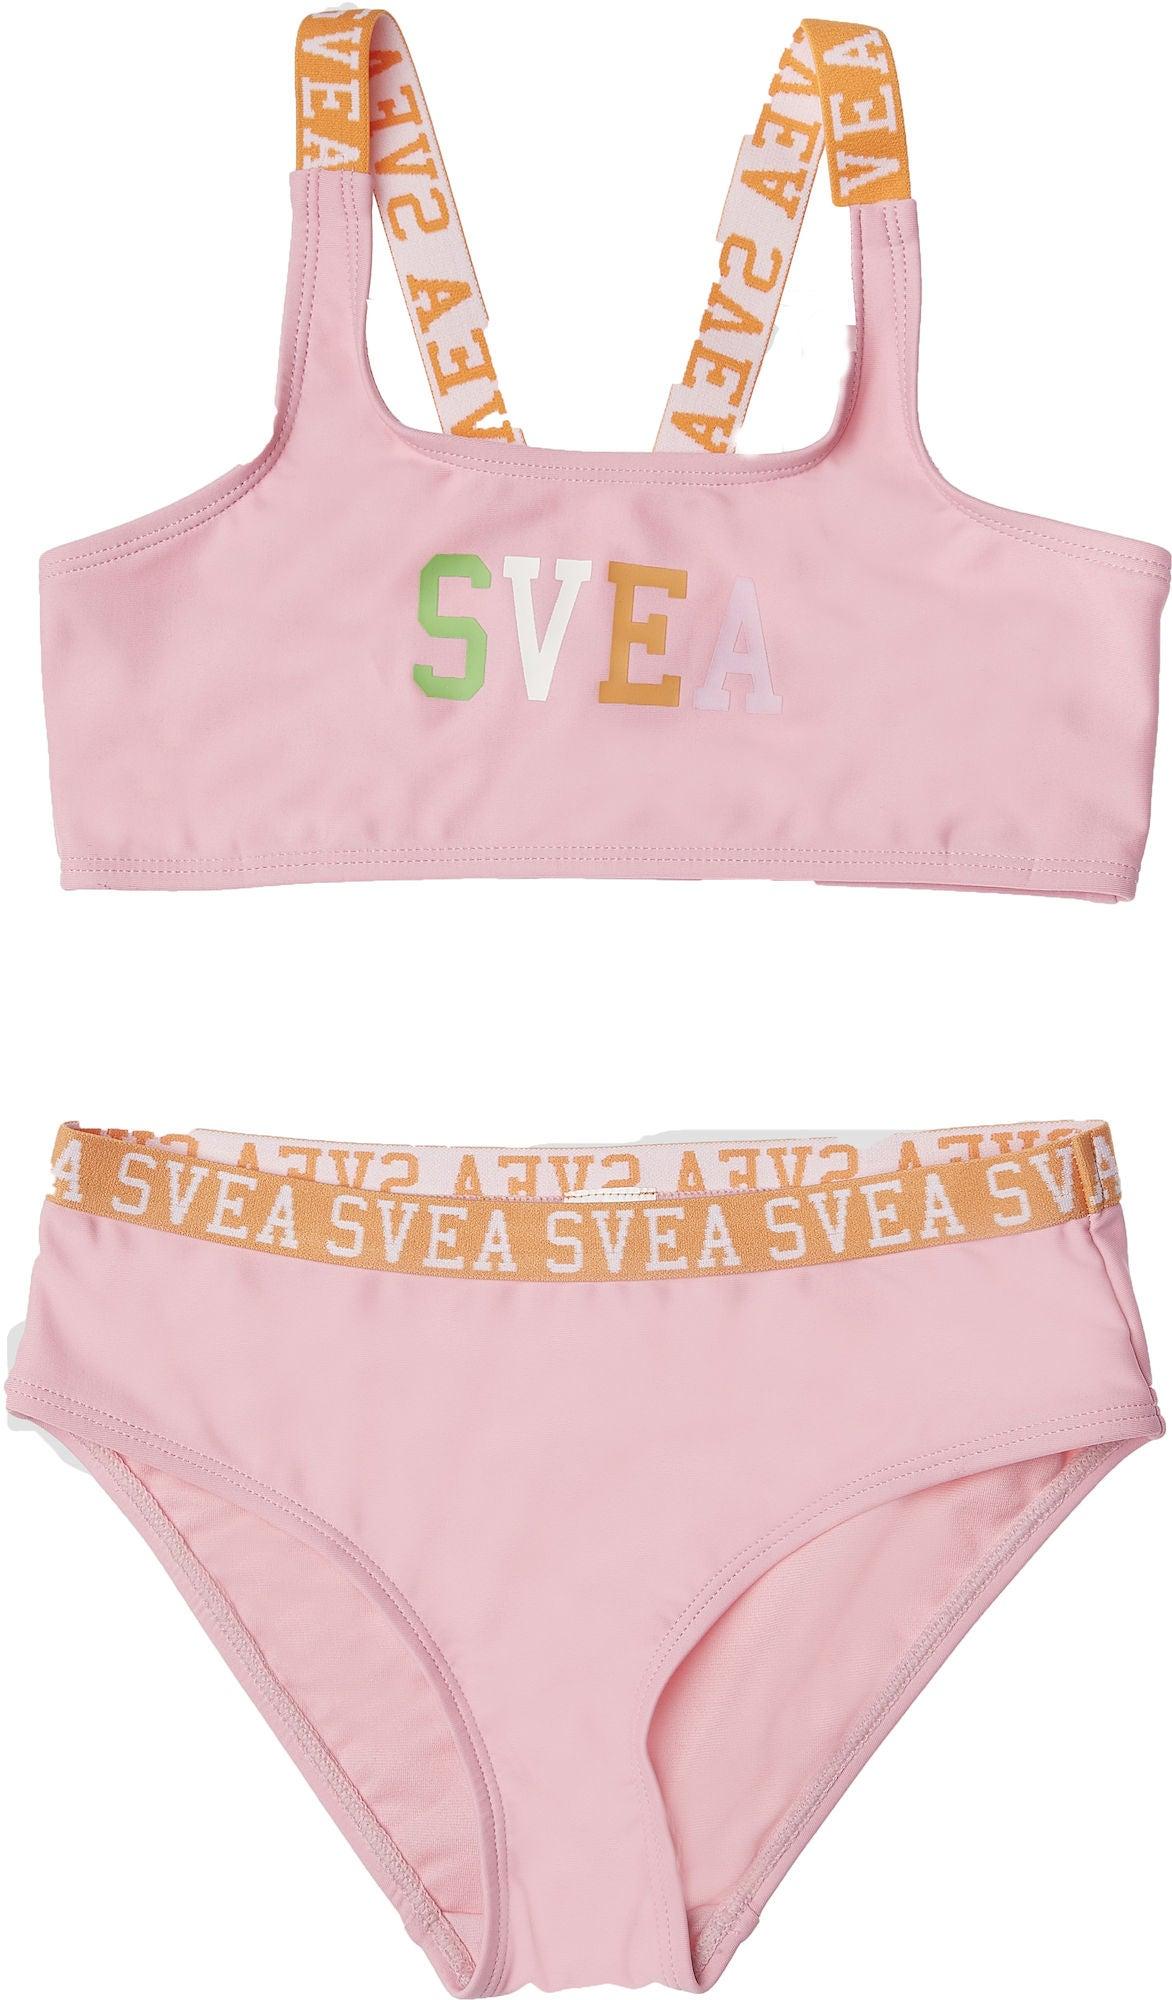 Svea Sportig Bikini, Pink, 110